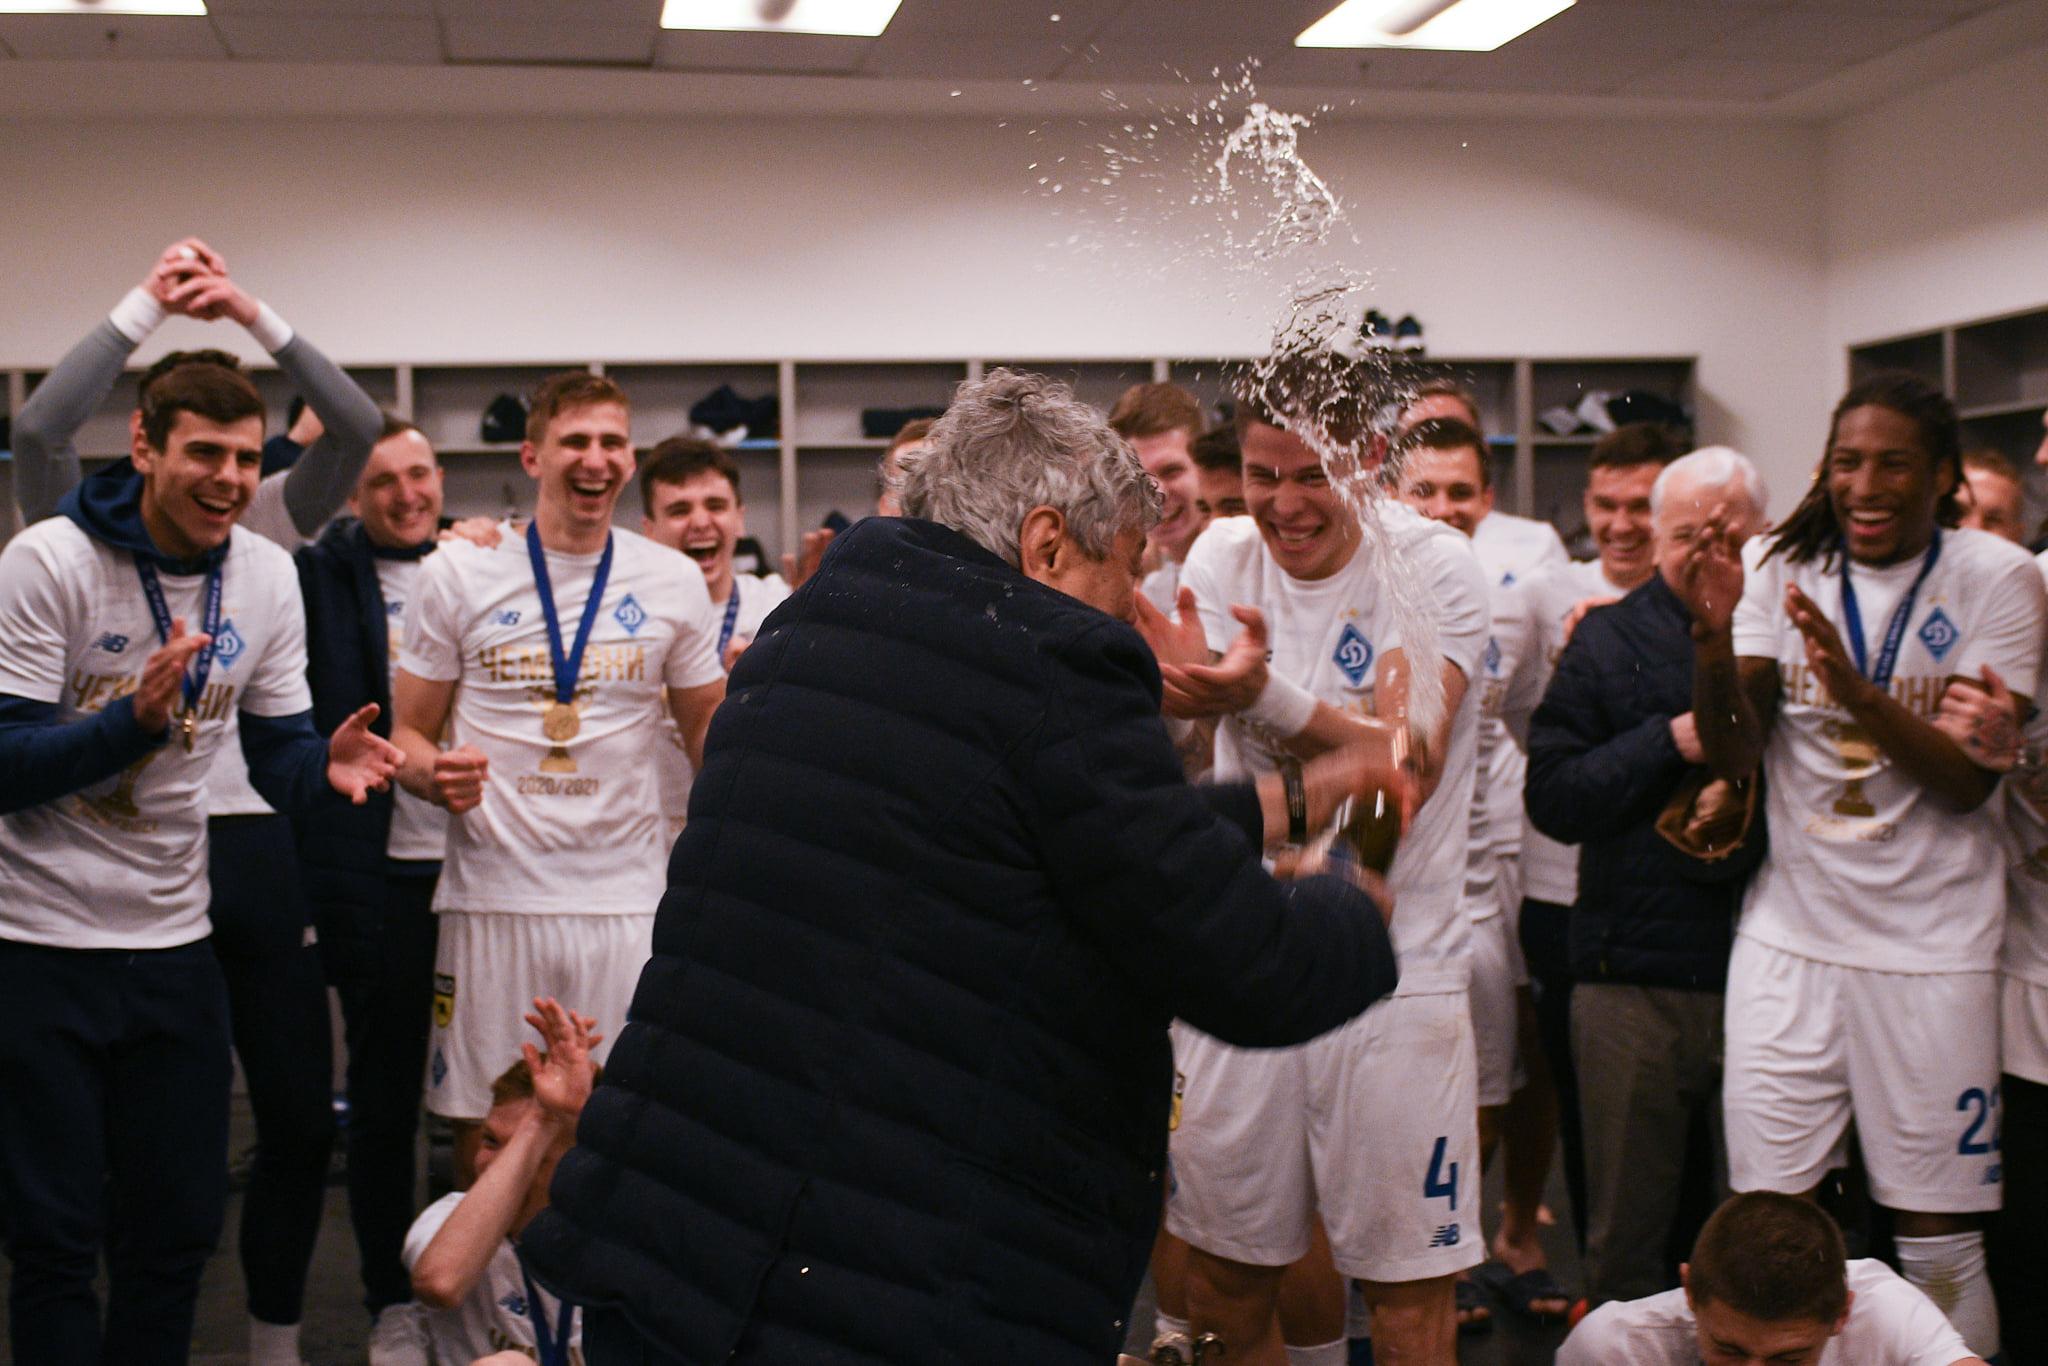 Видео из раздевалки Динамо: Попов швырнул бутылку, а Мирча отомстил